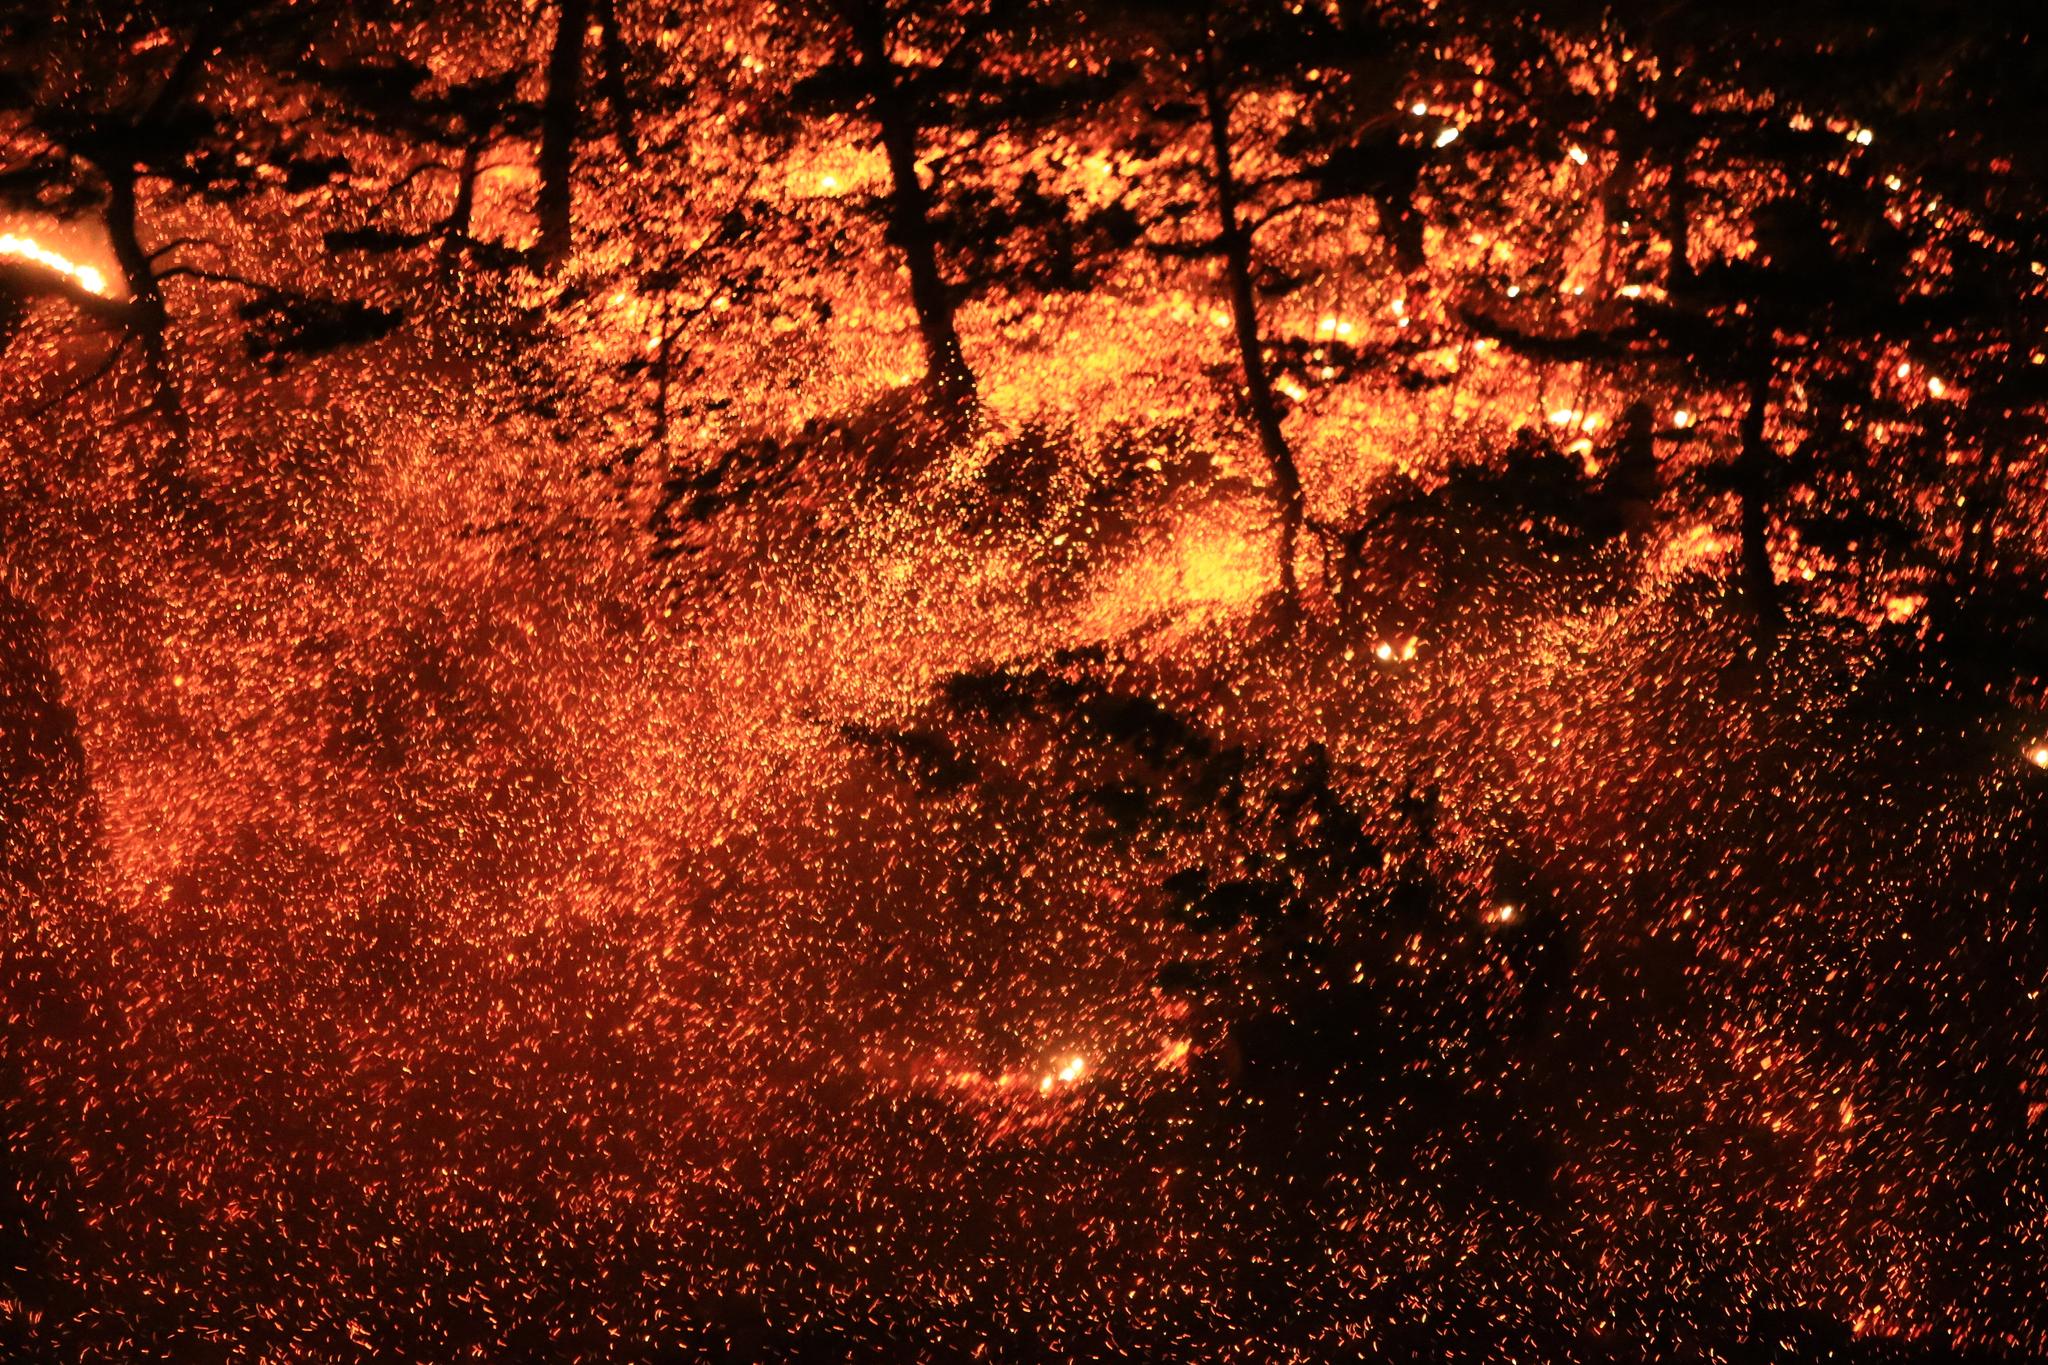 연중 대형산불 겪는 한국…산불 조심 기간 이젠 의미 없다